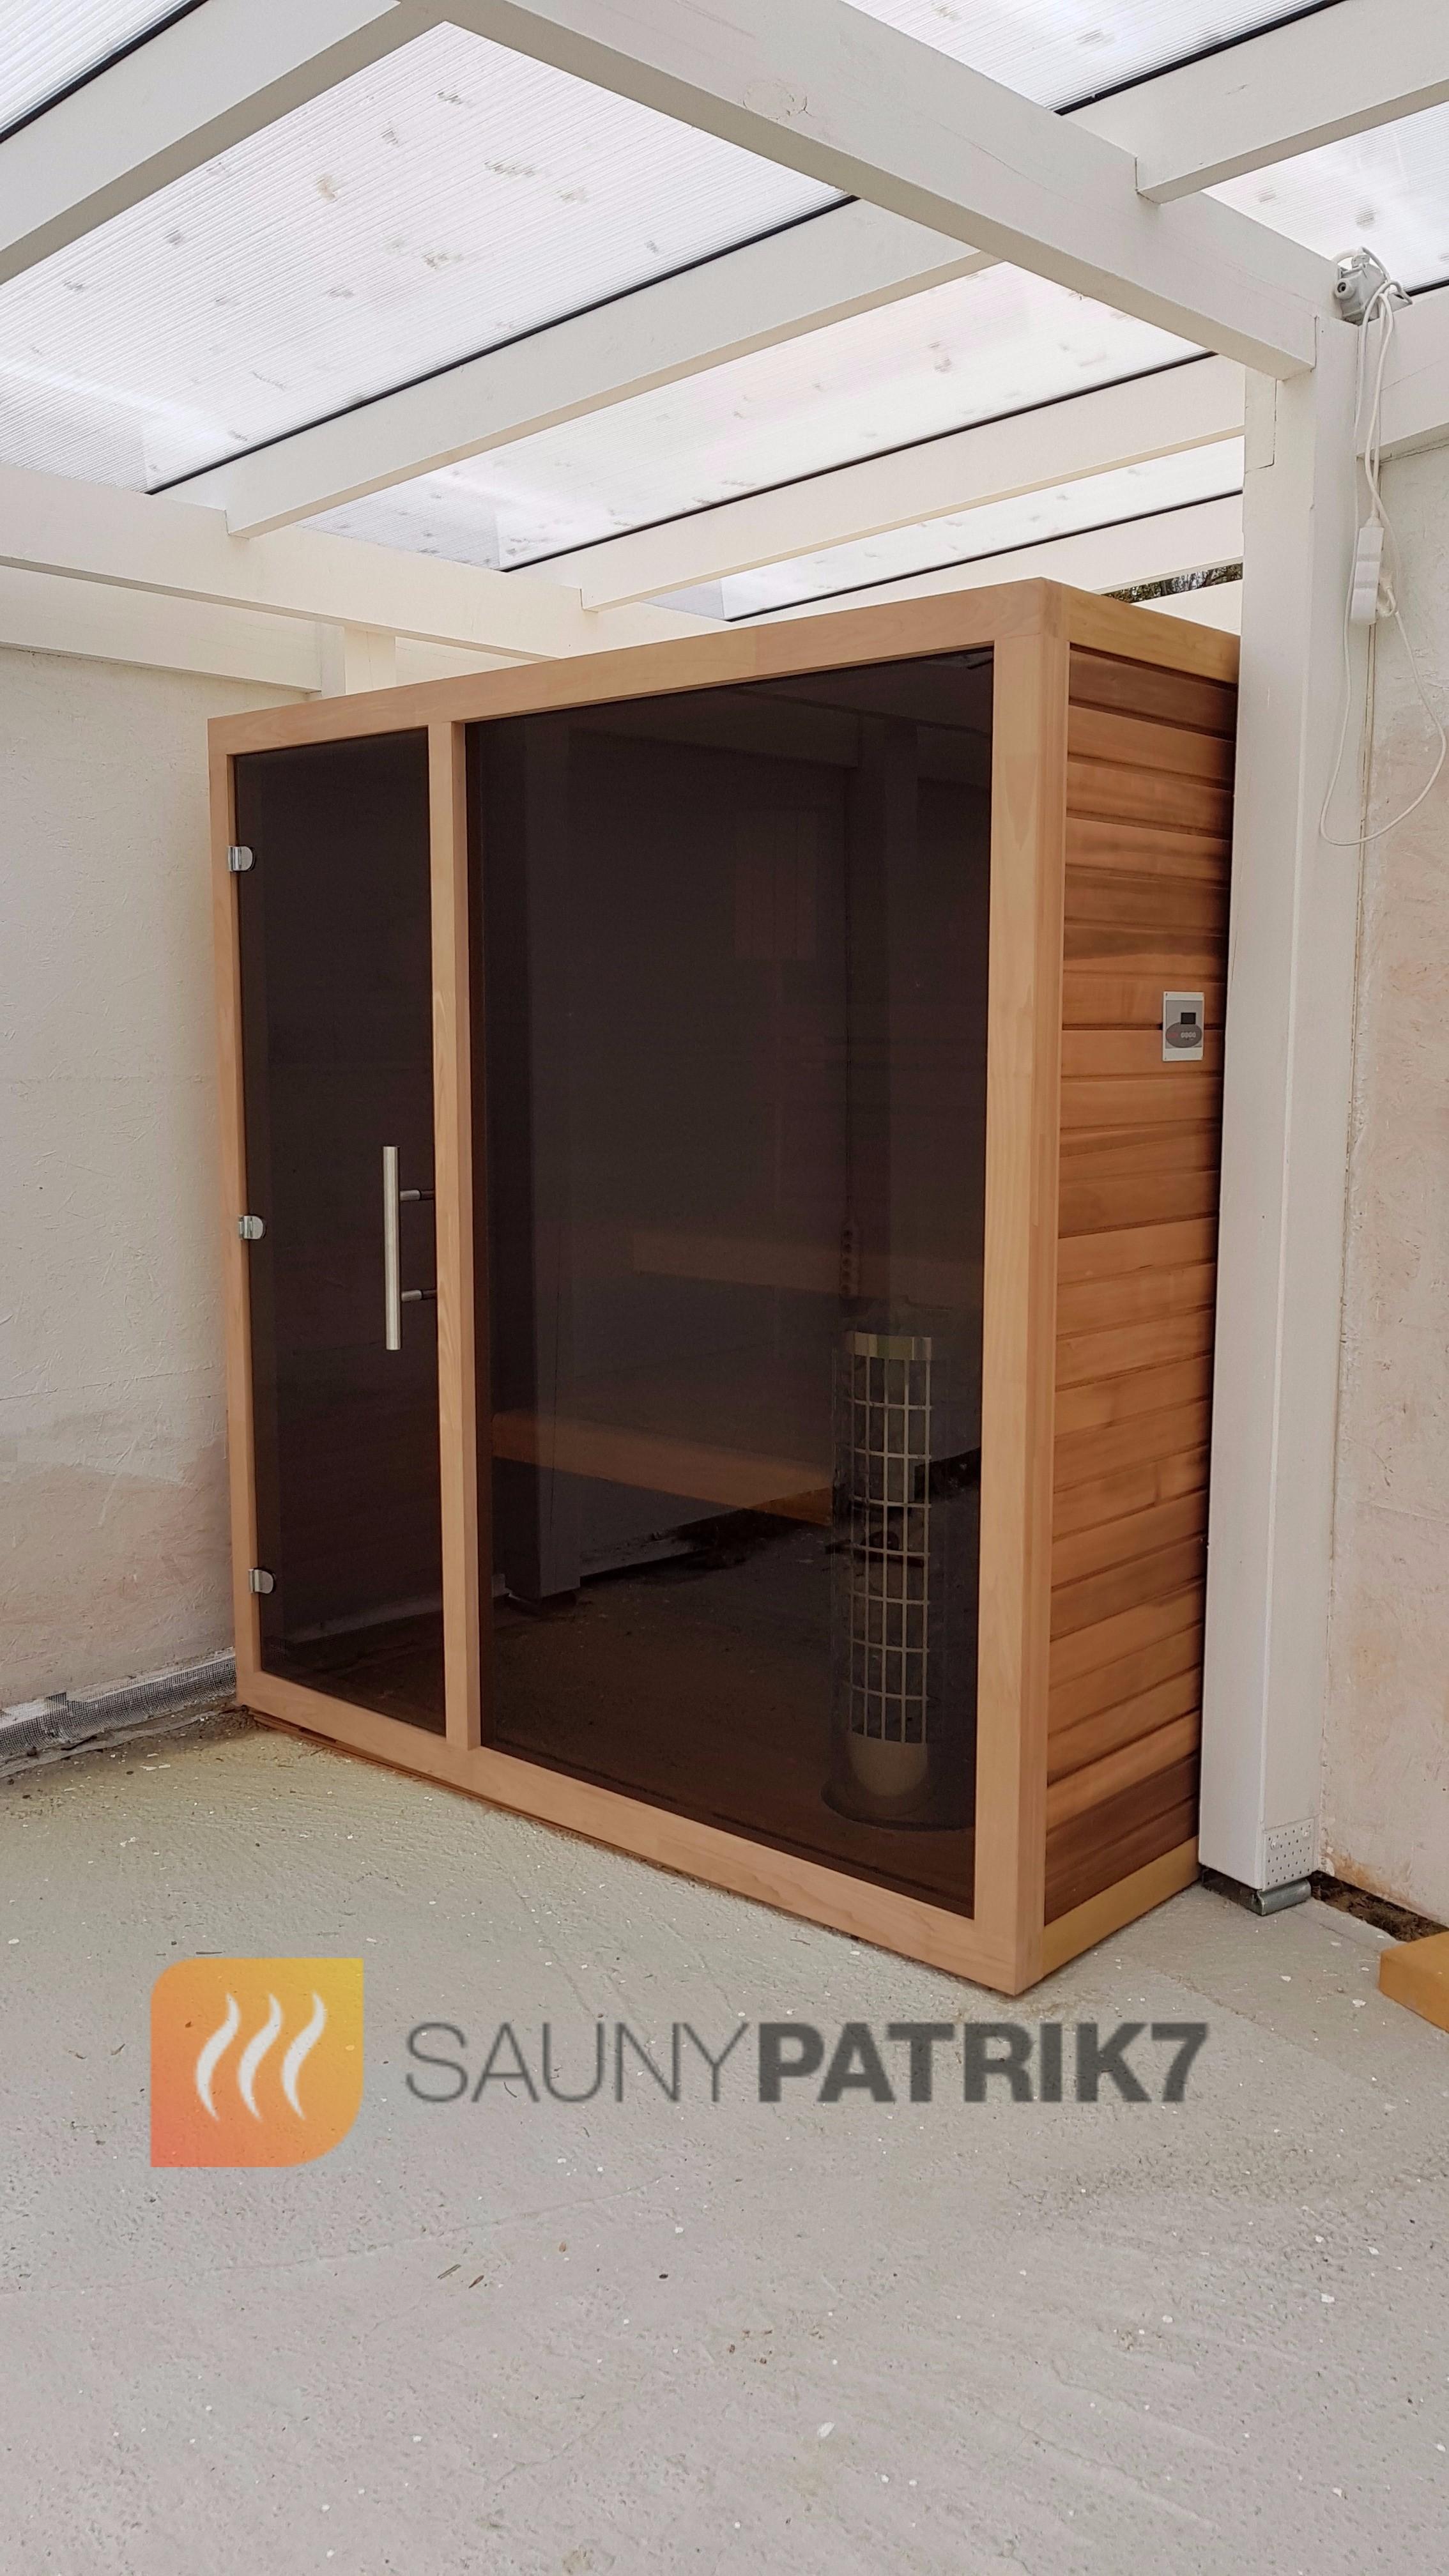 finska sauna v poloexteriery - sauny patrik 7